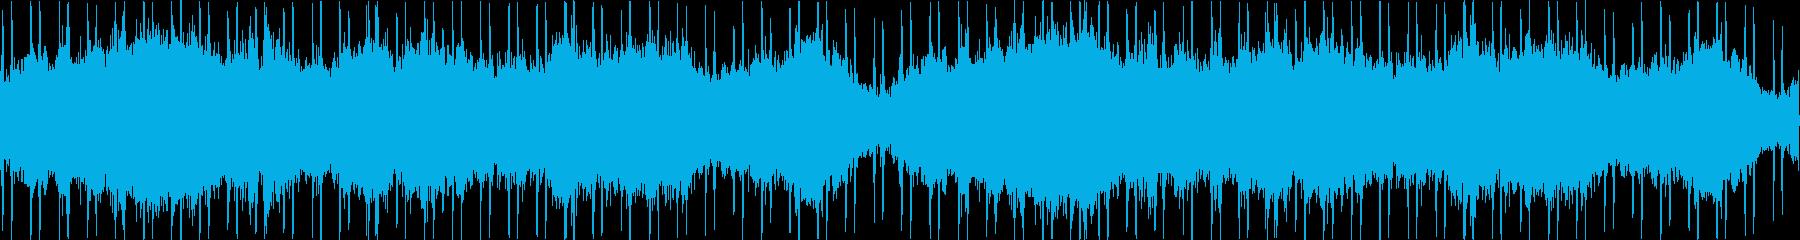 怖い音楽探してますか?ここにあります。の再生済みの波形